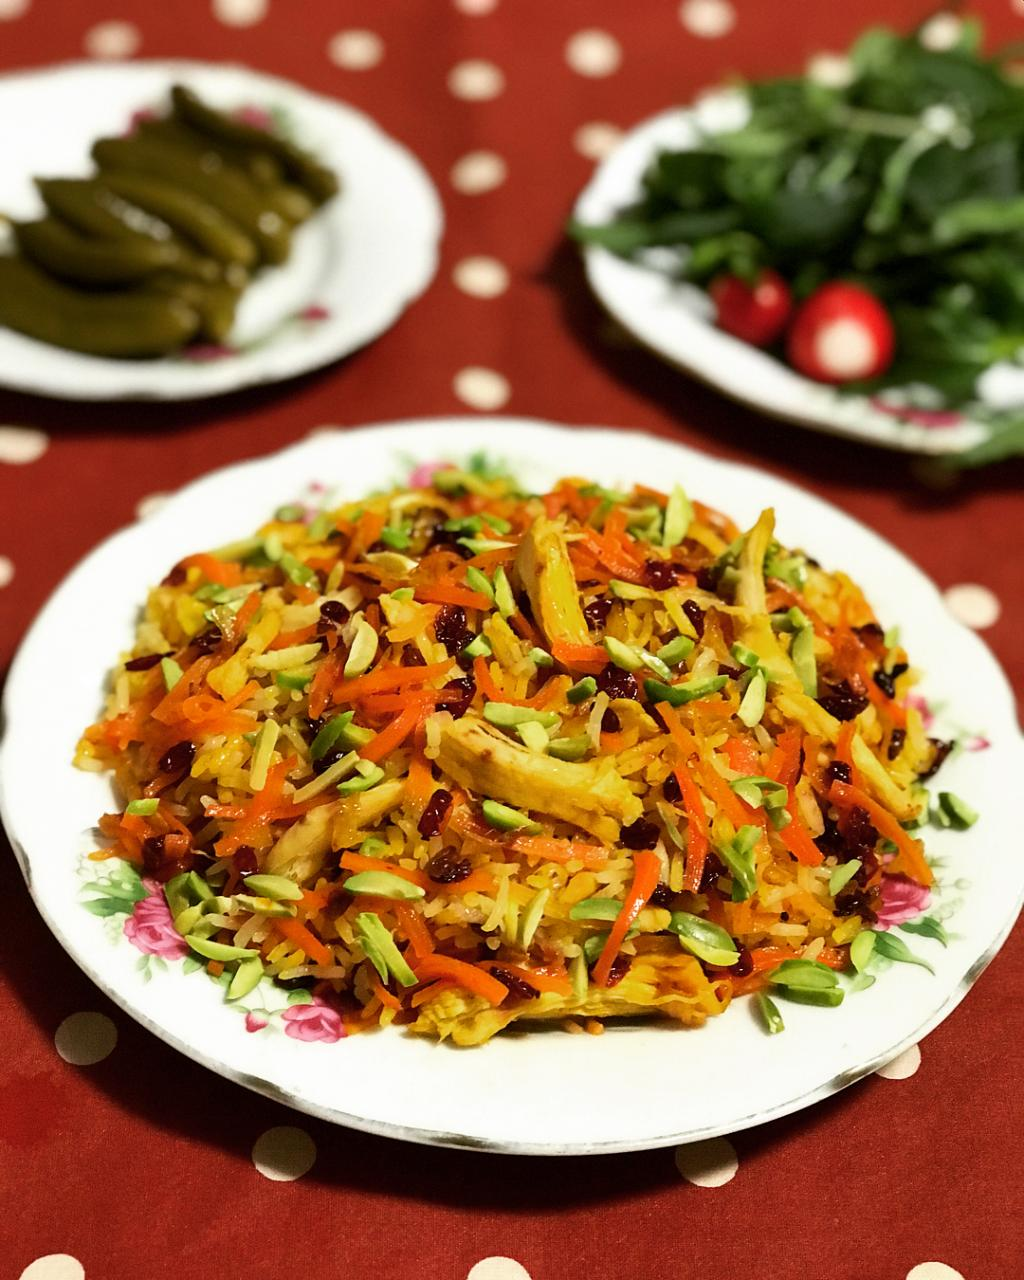 آموزش پخت هویج پلو خوشمزه با مرغ برای 4 نفر